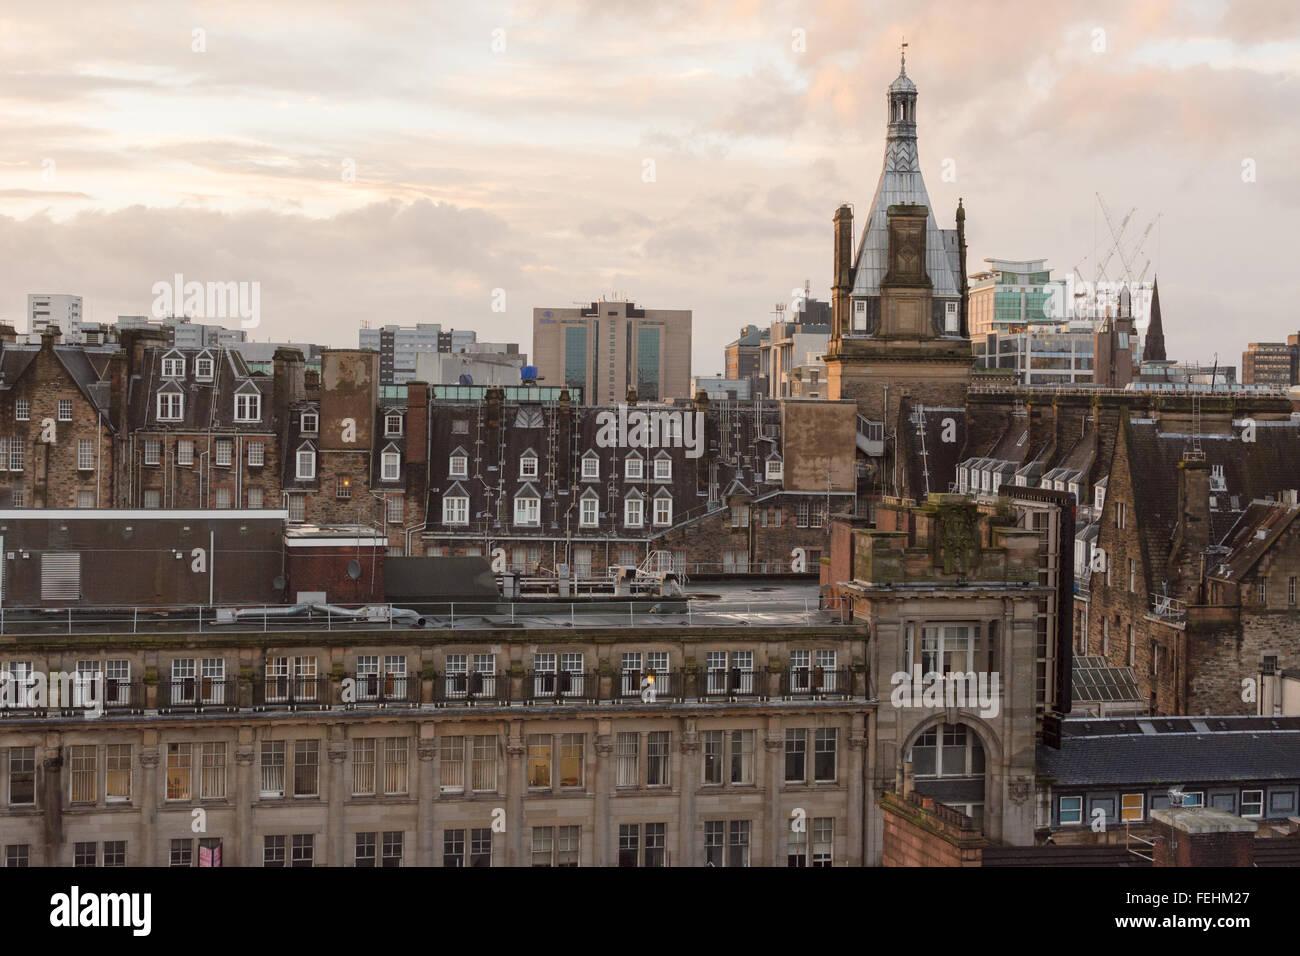 Glasgow city skyline - les bâtiments et des toits au coucher du soleil - Écosse, Royaume-Uni Banque D'Images